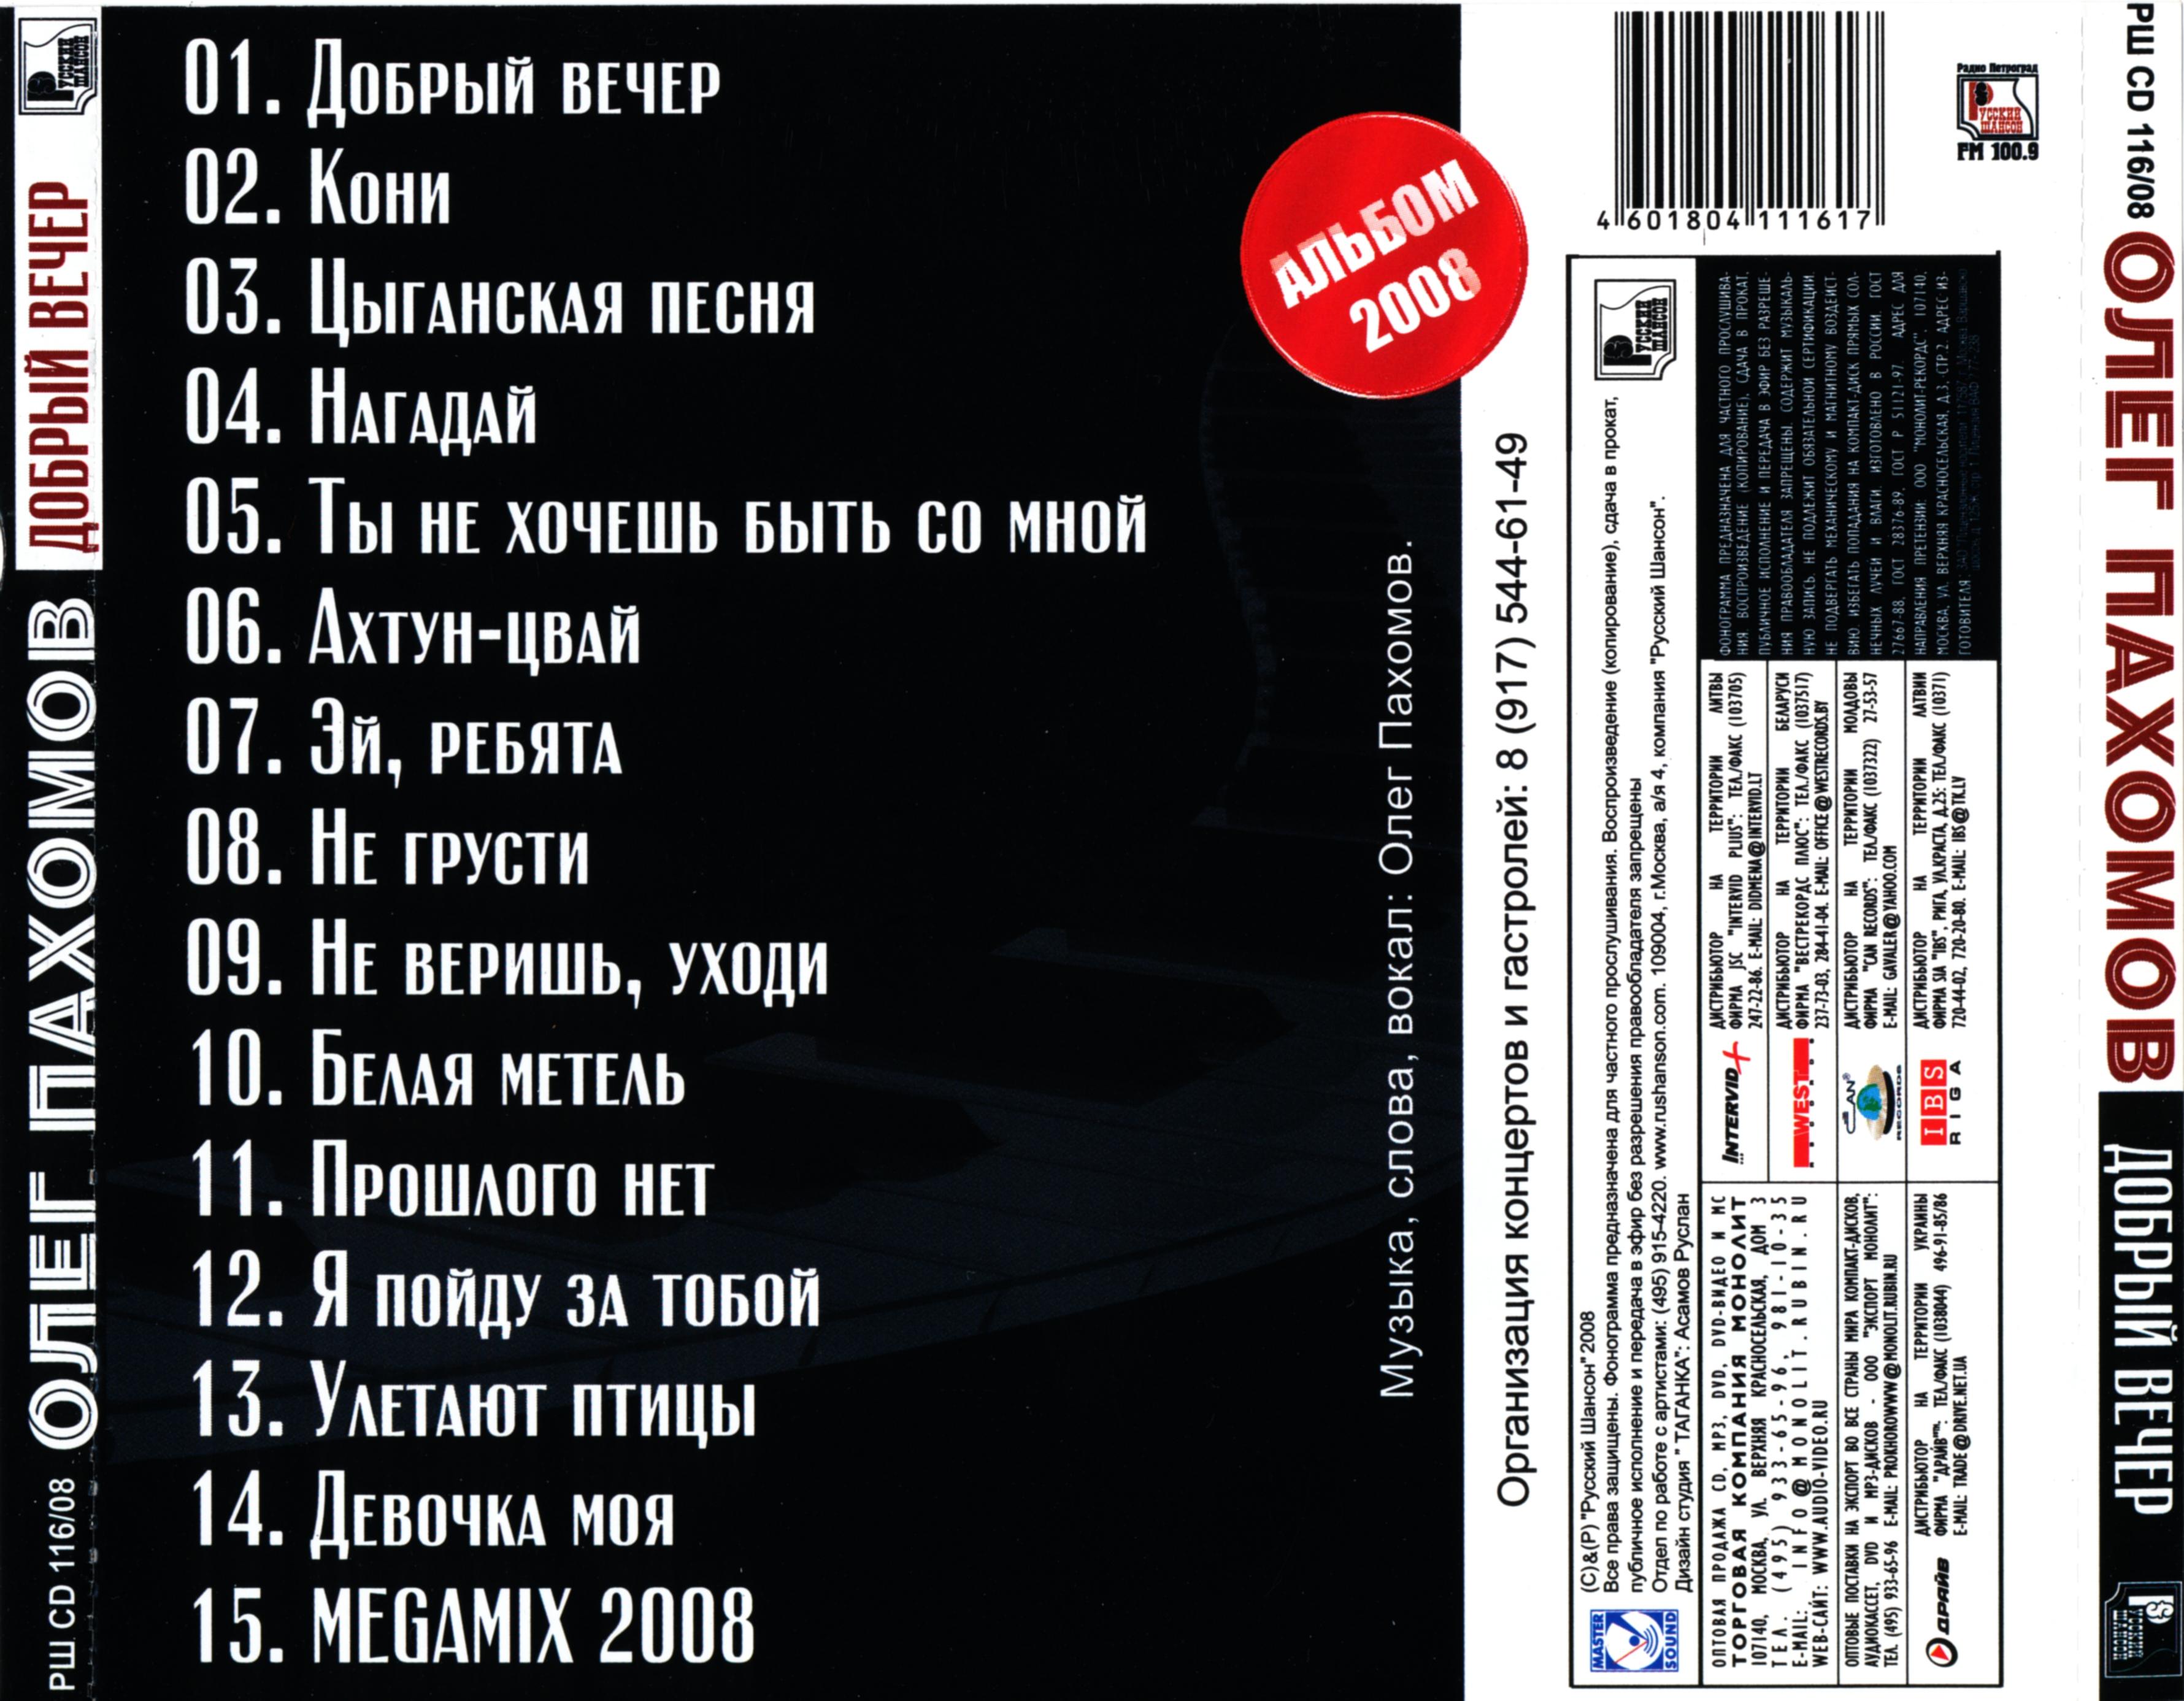 пахомов олег новые песни 2015 слушать